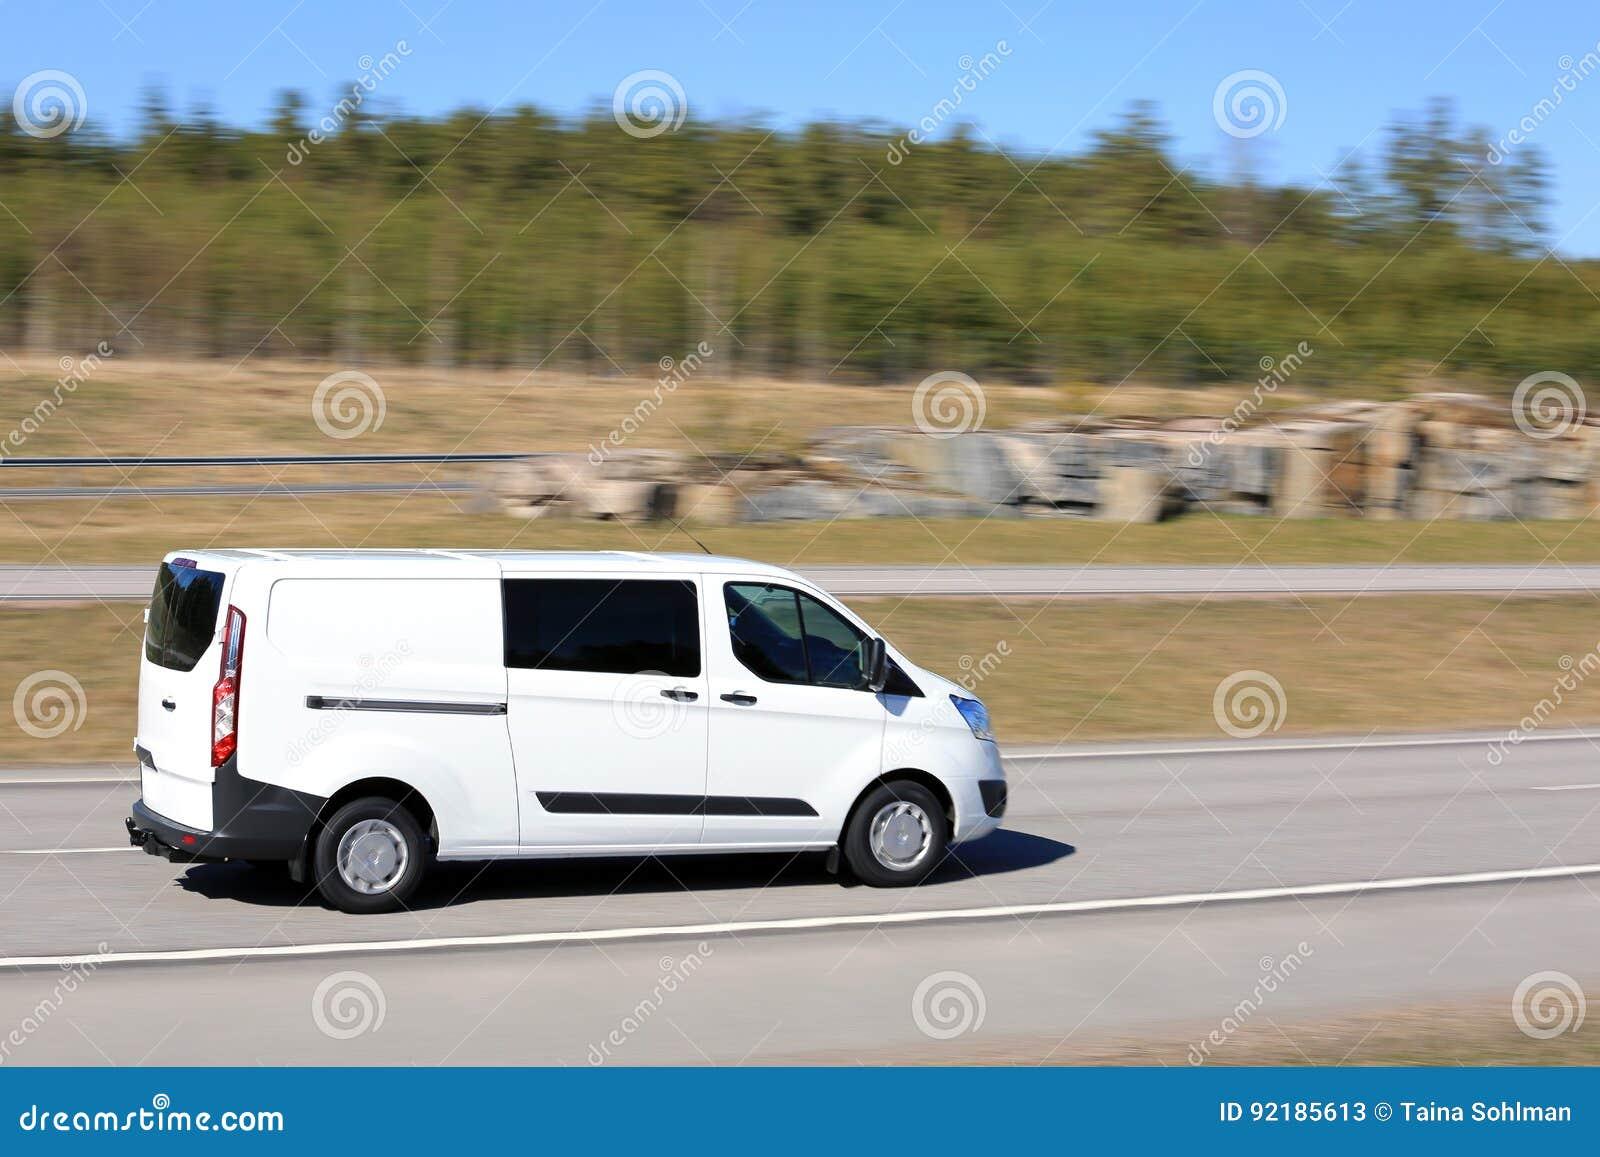 白色送货车以速度